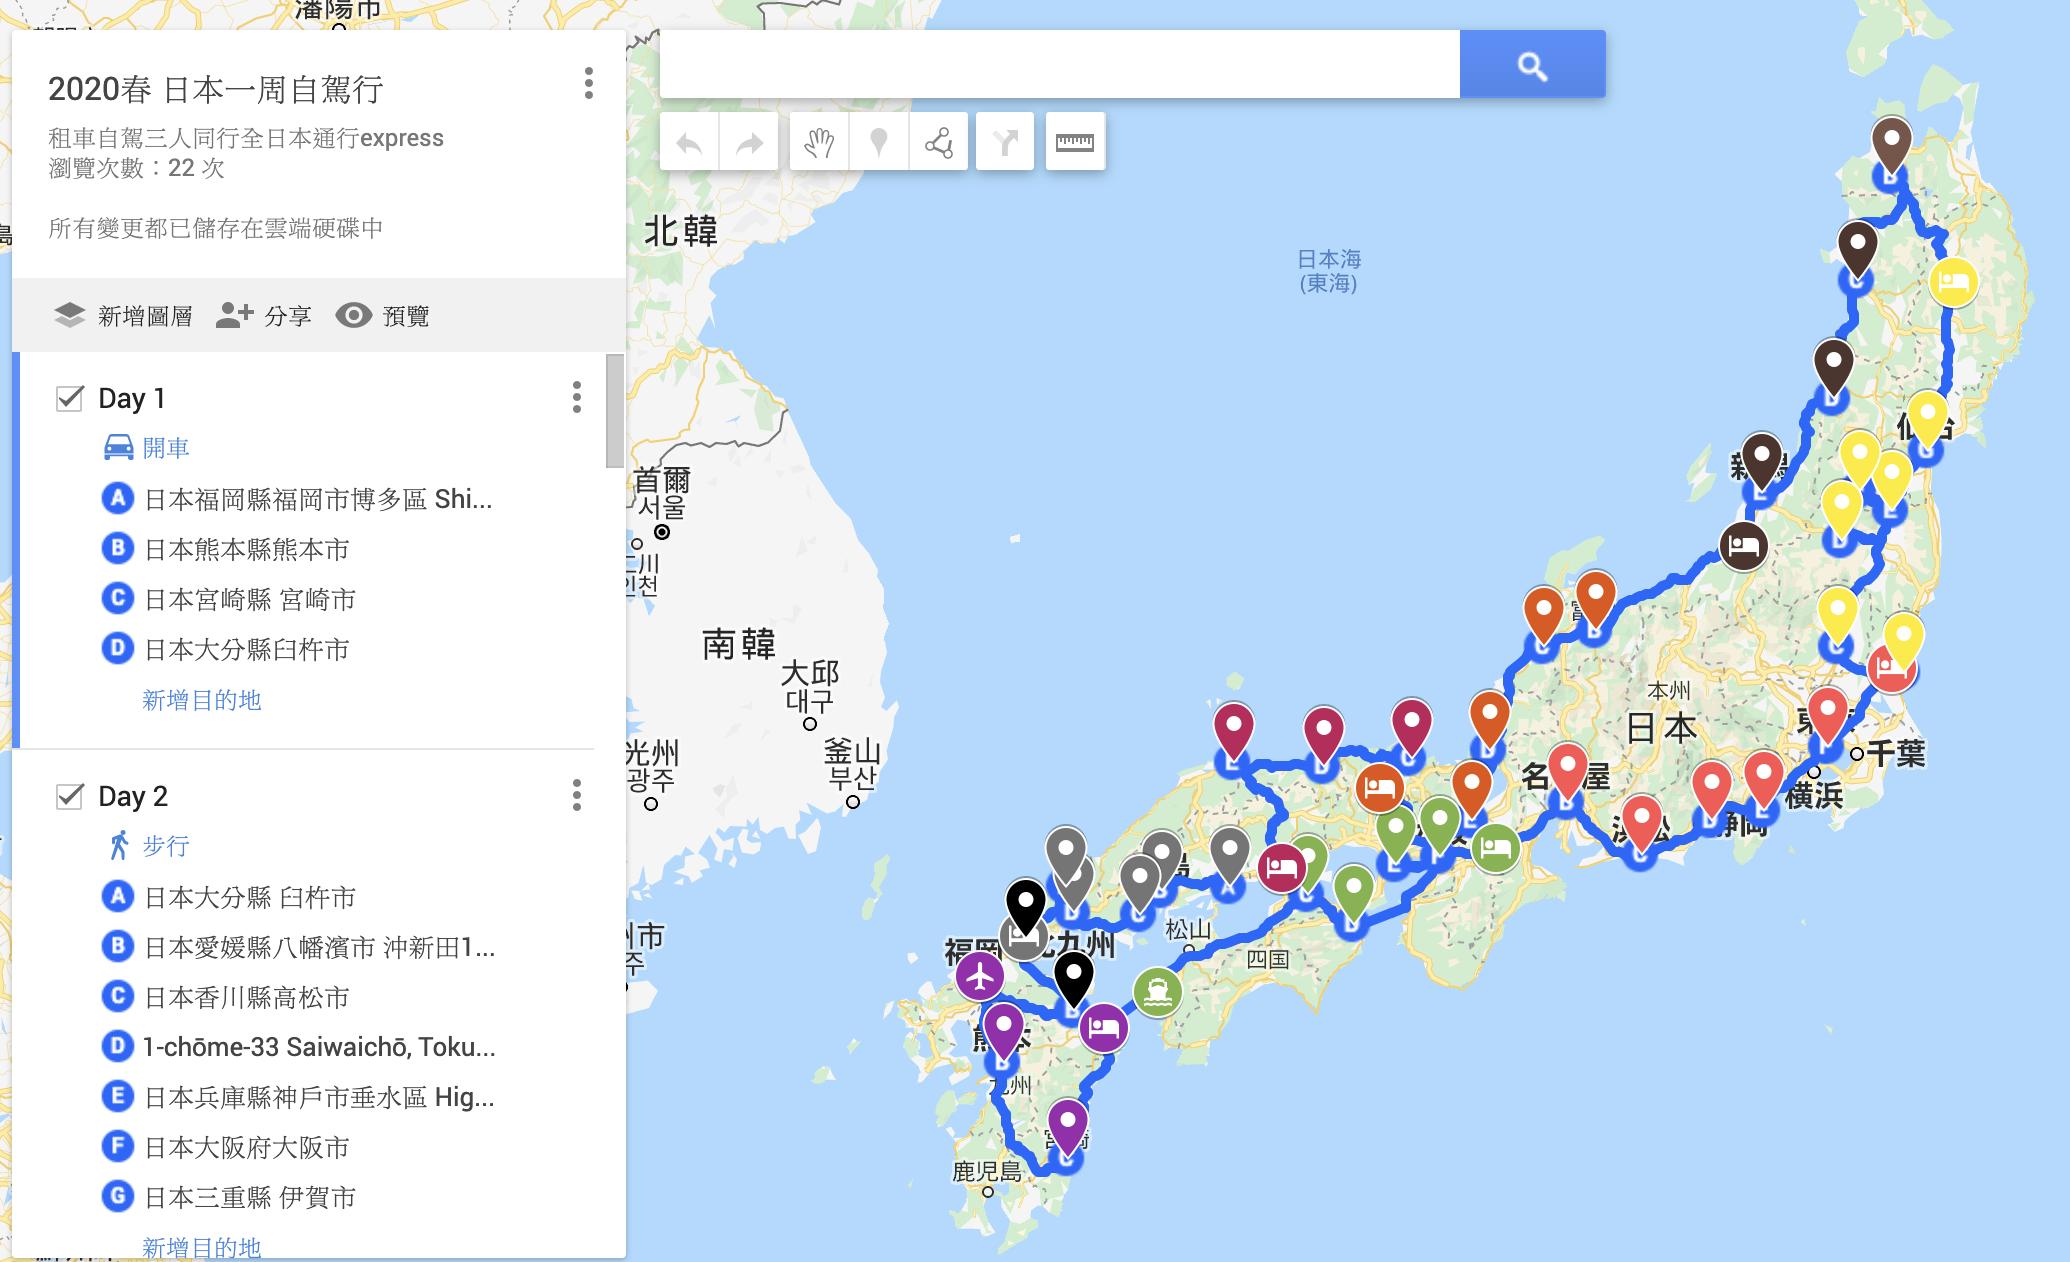 日本環島一周九日